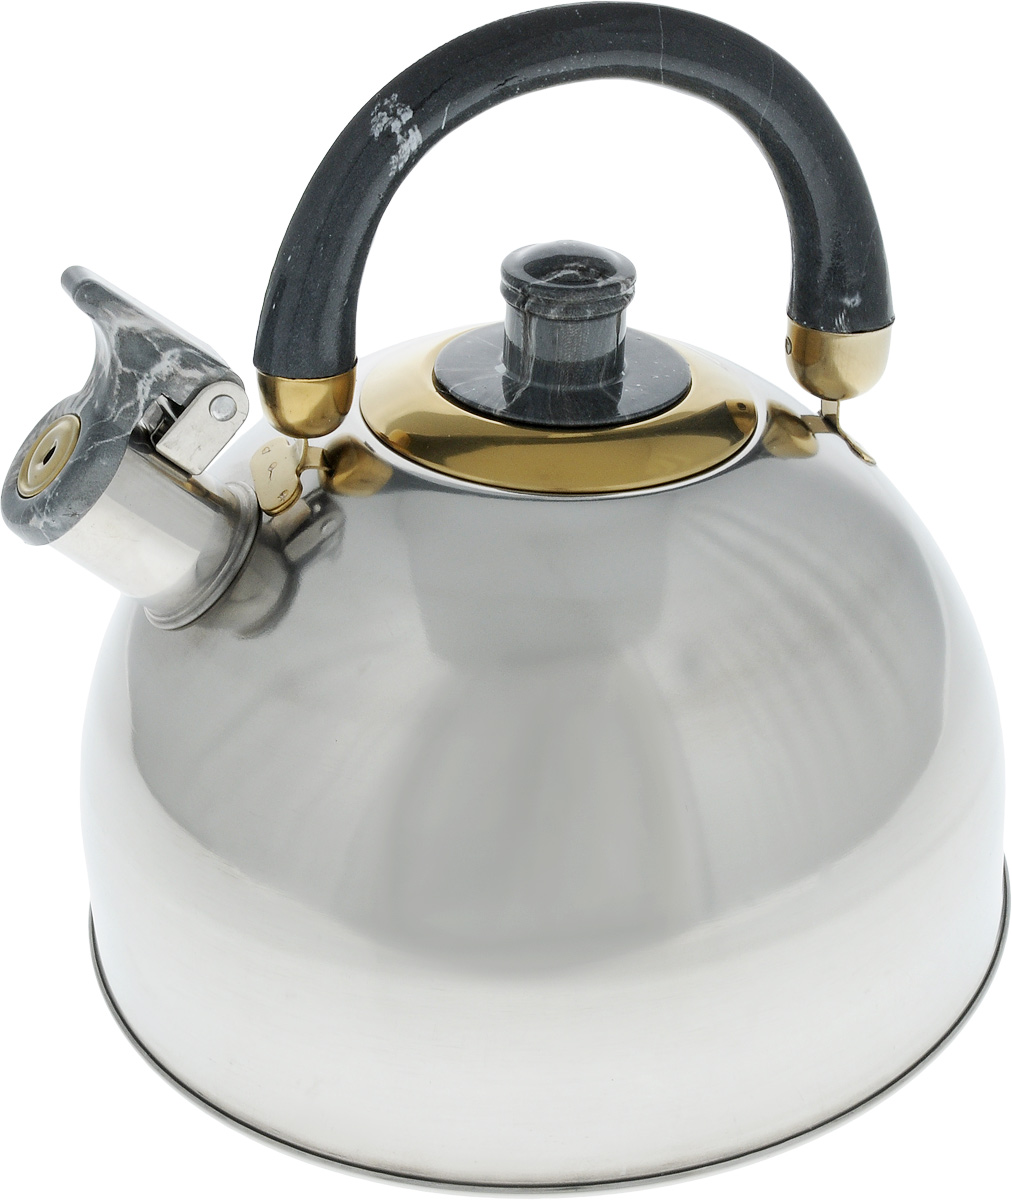 Чайник Bohmann Lite, со свистком, цвет: темно-серый, 4,5 л391602Чайник Bohmann Lite изготовлен из коррозионностойкой стали с зеркальной полировкой. Это материал, зарекомендовавший себя как идеально подходящий для изготовления кухонной посуды, столовых приборов и аксессуаров. Прочность, надежность, стойкость к кислотам и привлекательный внешний вид - основные свойства этого материала. Подвижная ручка, выполненная из термостойкого пластика под мрамор, обеспечивает комфортную эксплуатацию. Носик чайника оборудован свистком, который громким сигналом оповестит о закипании воды. Серия Lite - это посуда из стали, легкая и экономичная. Доступна для широкого круга потребителей, оптимальна по цене и качеству. Подходит для любой кухни, привлекательна по своим характеристикам, цене и практичности. Чайник подходит для электрических, газовых, галогеновых и стеклокерамических плит. Изделие можно мыть в посудомоечной машине. Диаметр (по верхнему краю): 8,5 см. Диаметр основания: 22 см. Высота чайника (без учета ручки и крышки): 12,5 см.